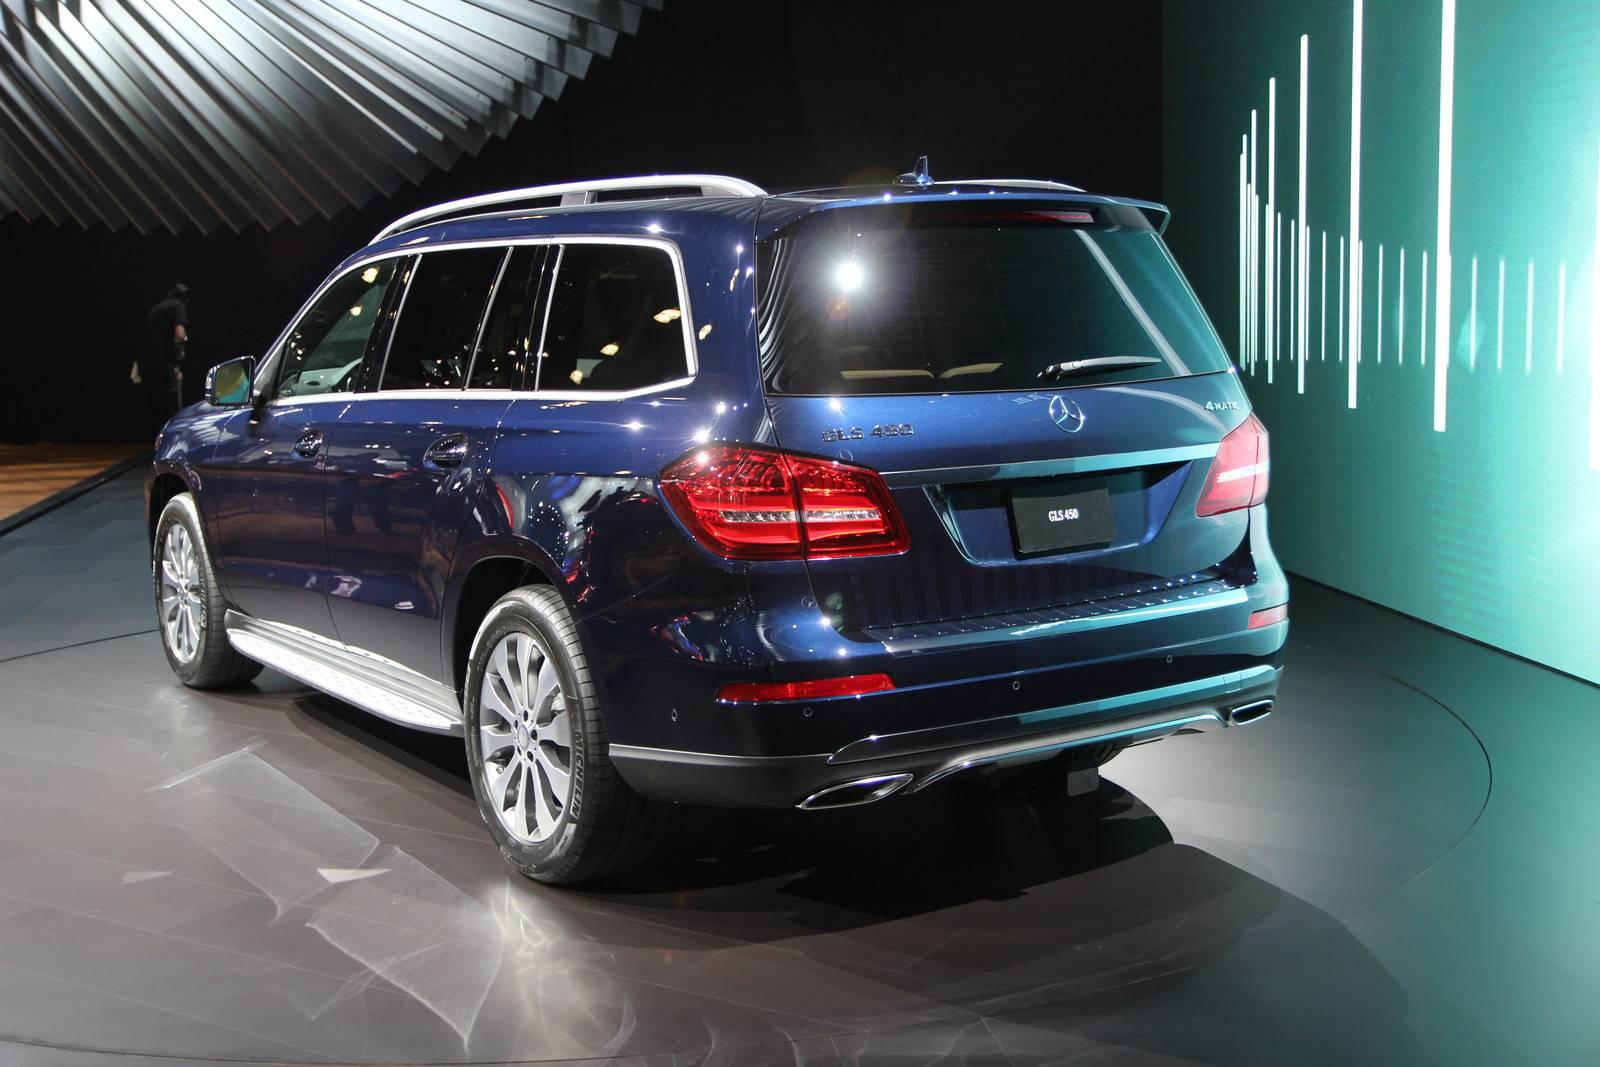 2017 Mercedes-Benz GLS rear